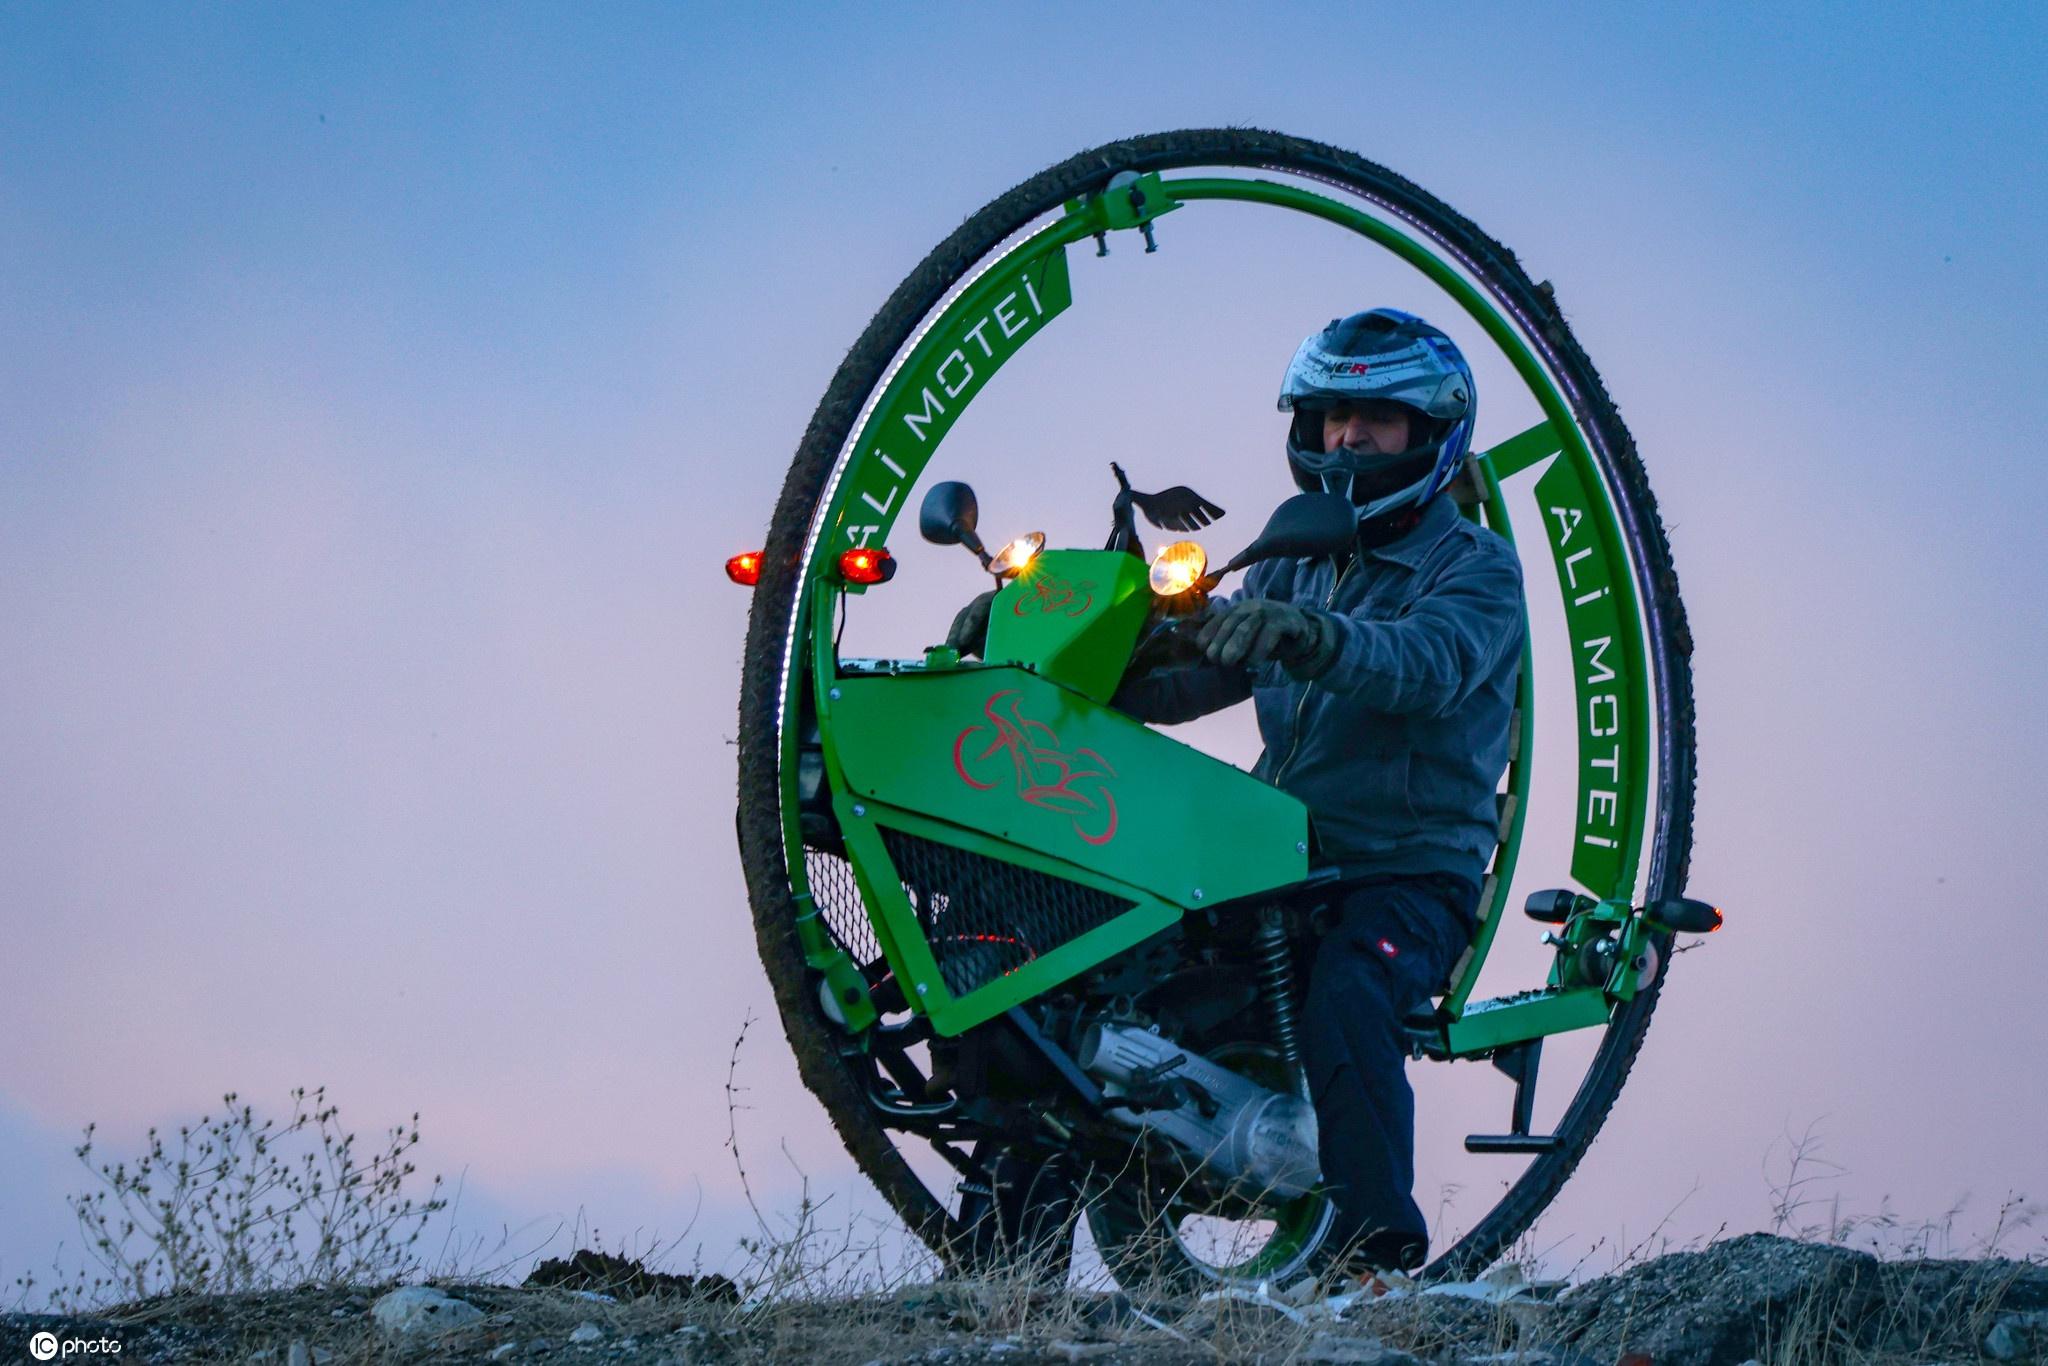 废物利用!伊朗男子用废弃材料打造独轮摩托车